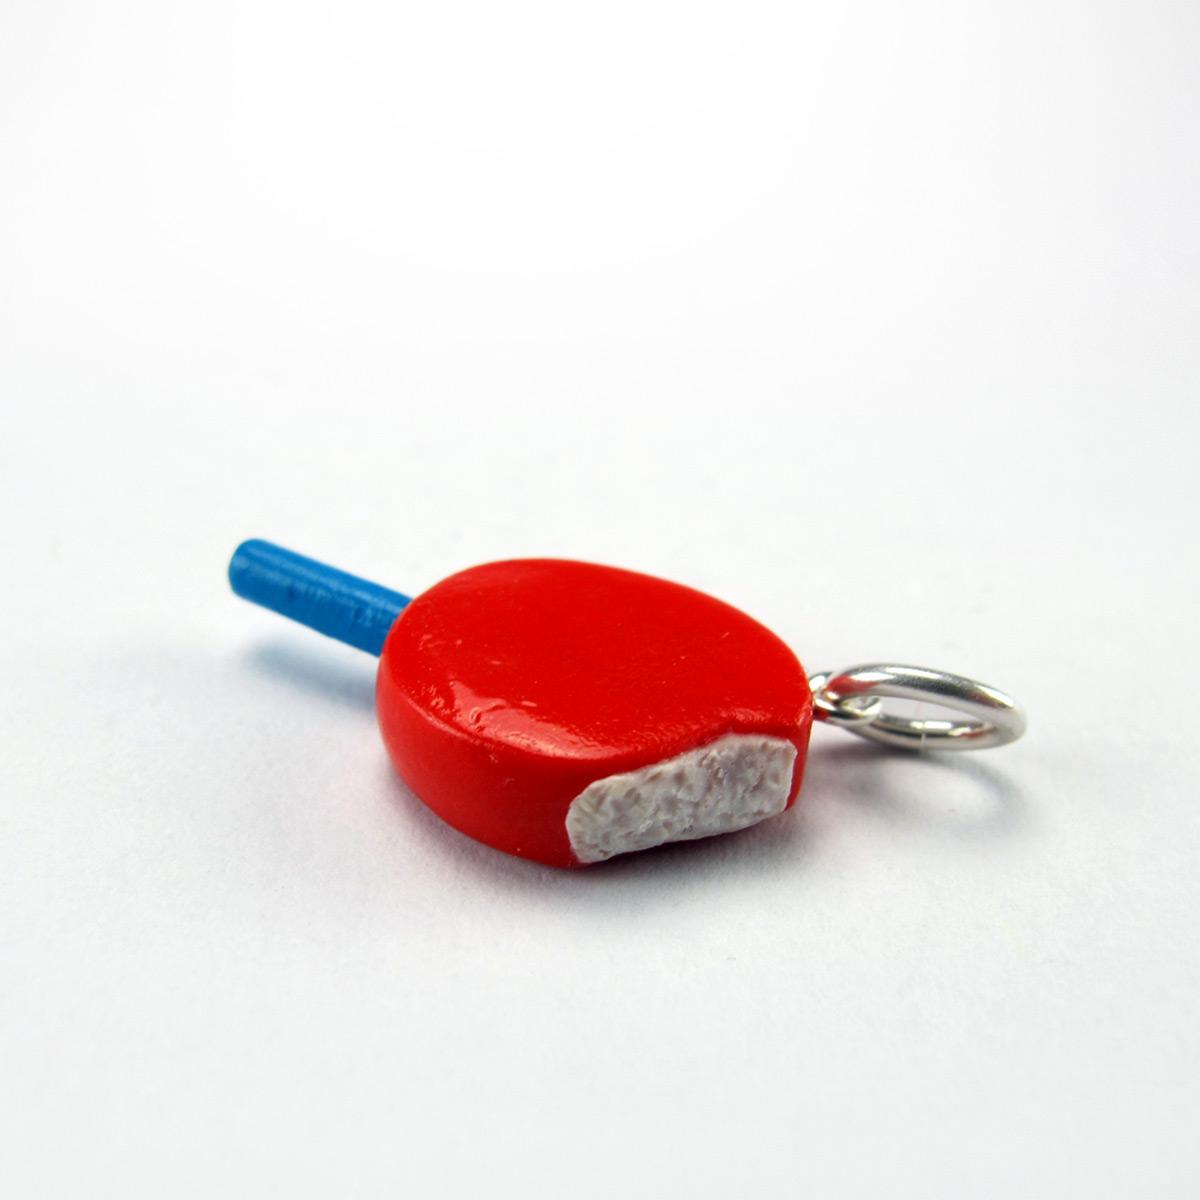 Minischmidt Miniatur-Schmuckanhänger Bumbum Eis